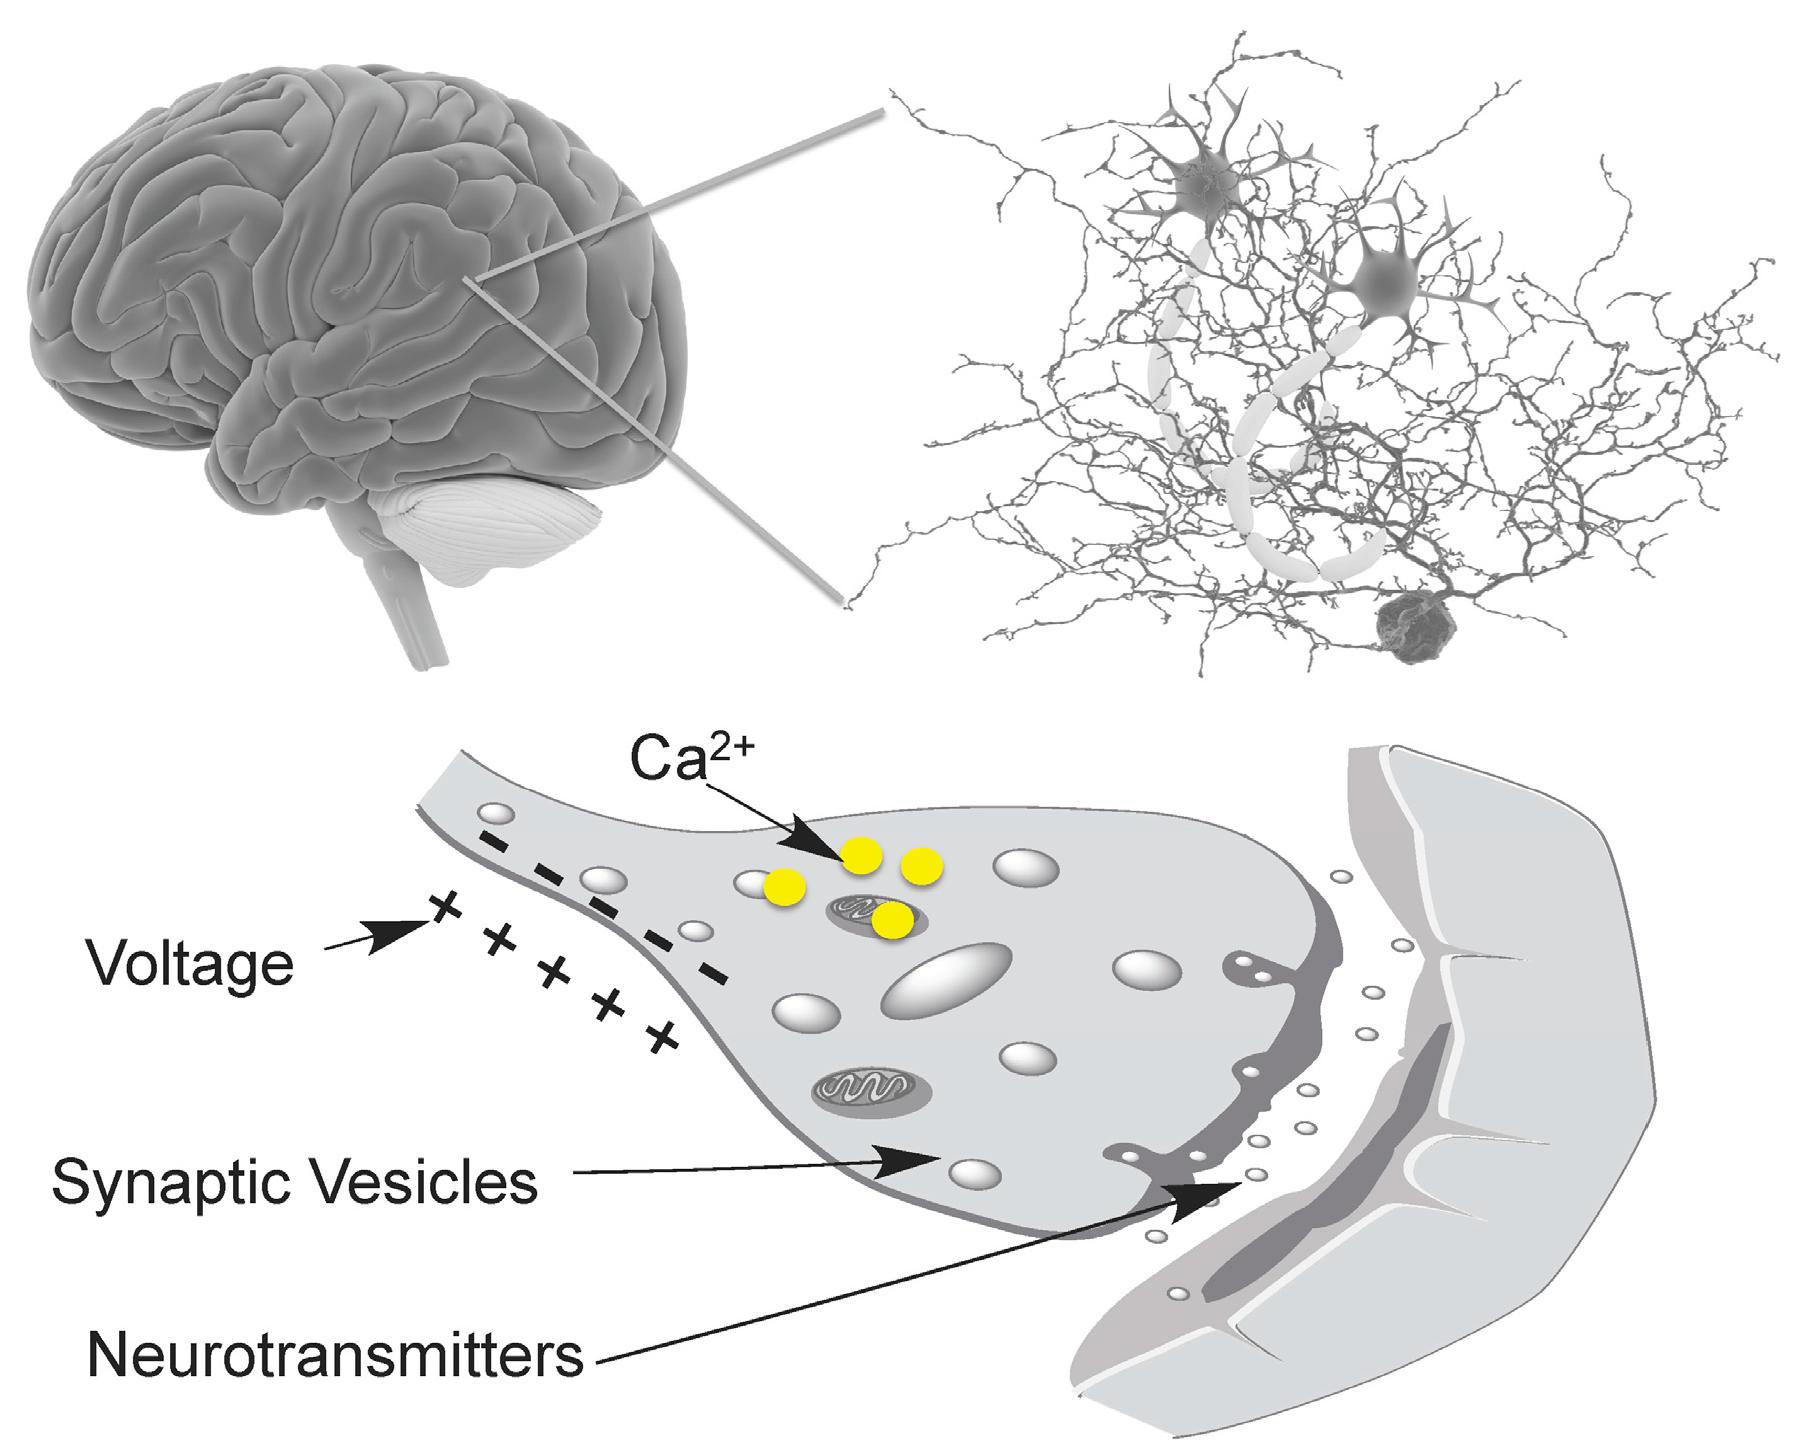 Chemosensors | Free Full-Text | Illuminating Brain Activities with ...